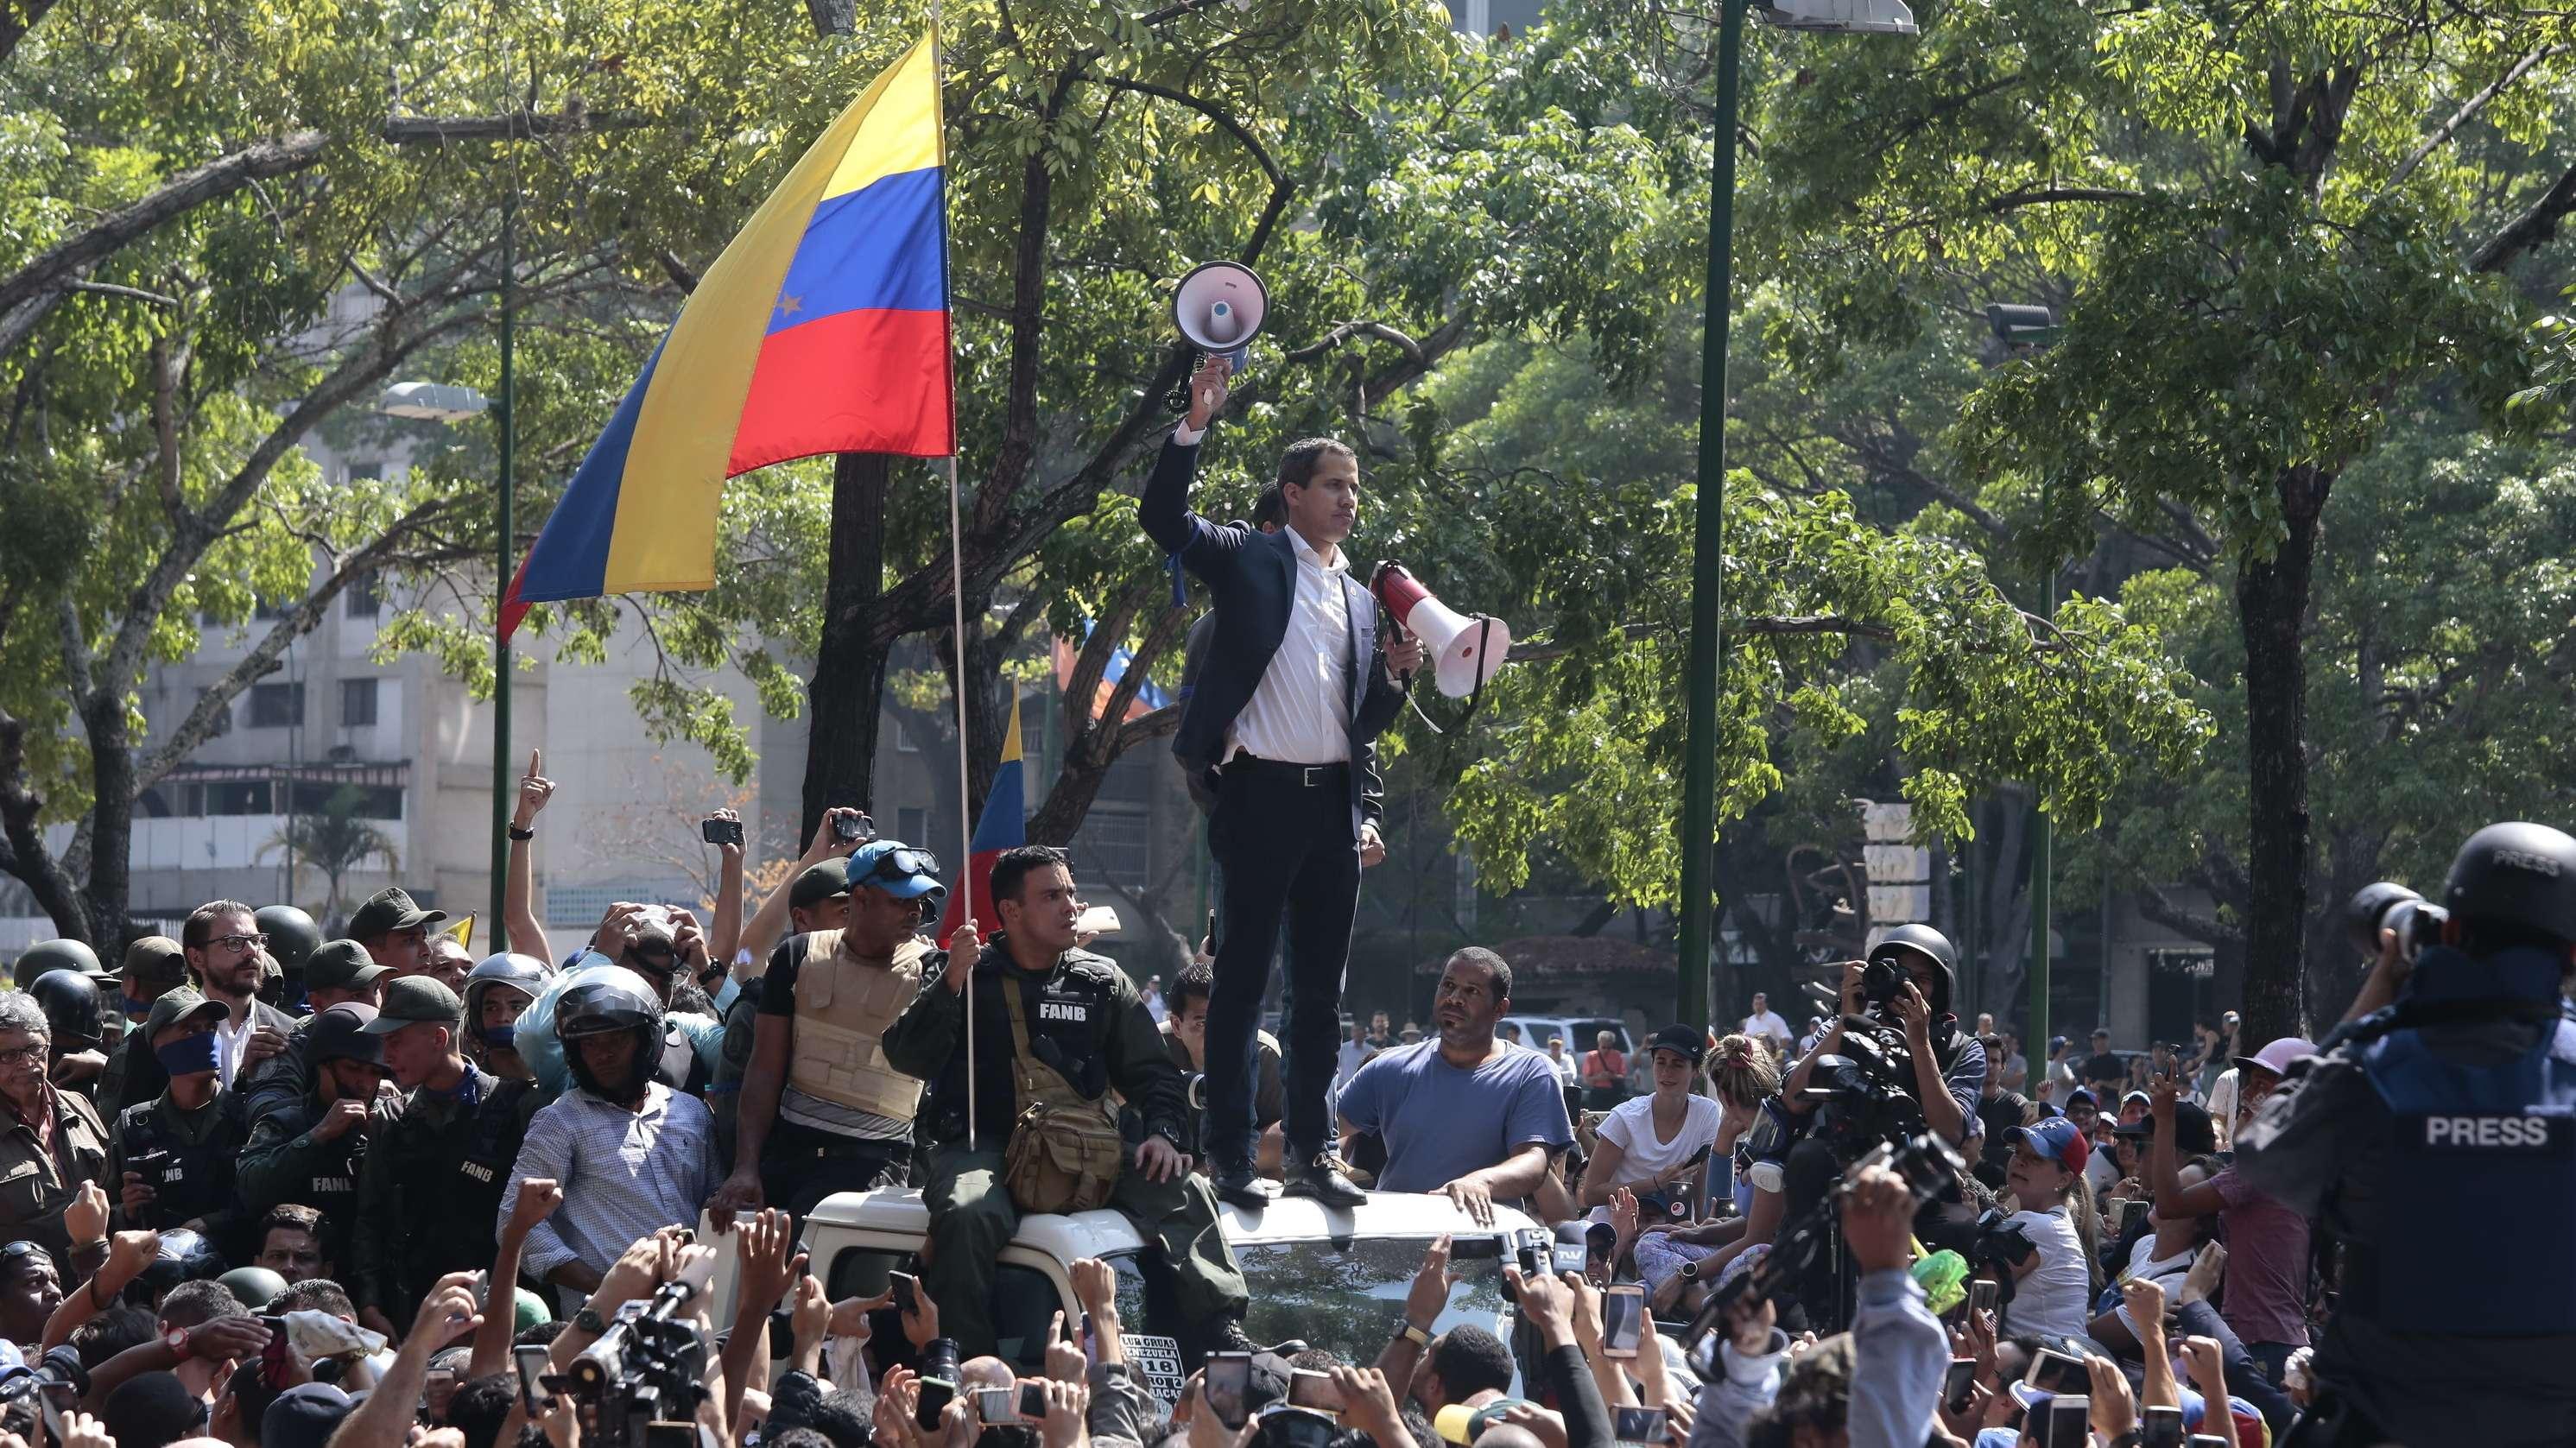 Krise in Venezuela - Militäraufstand